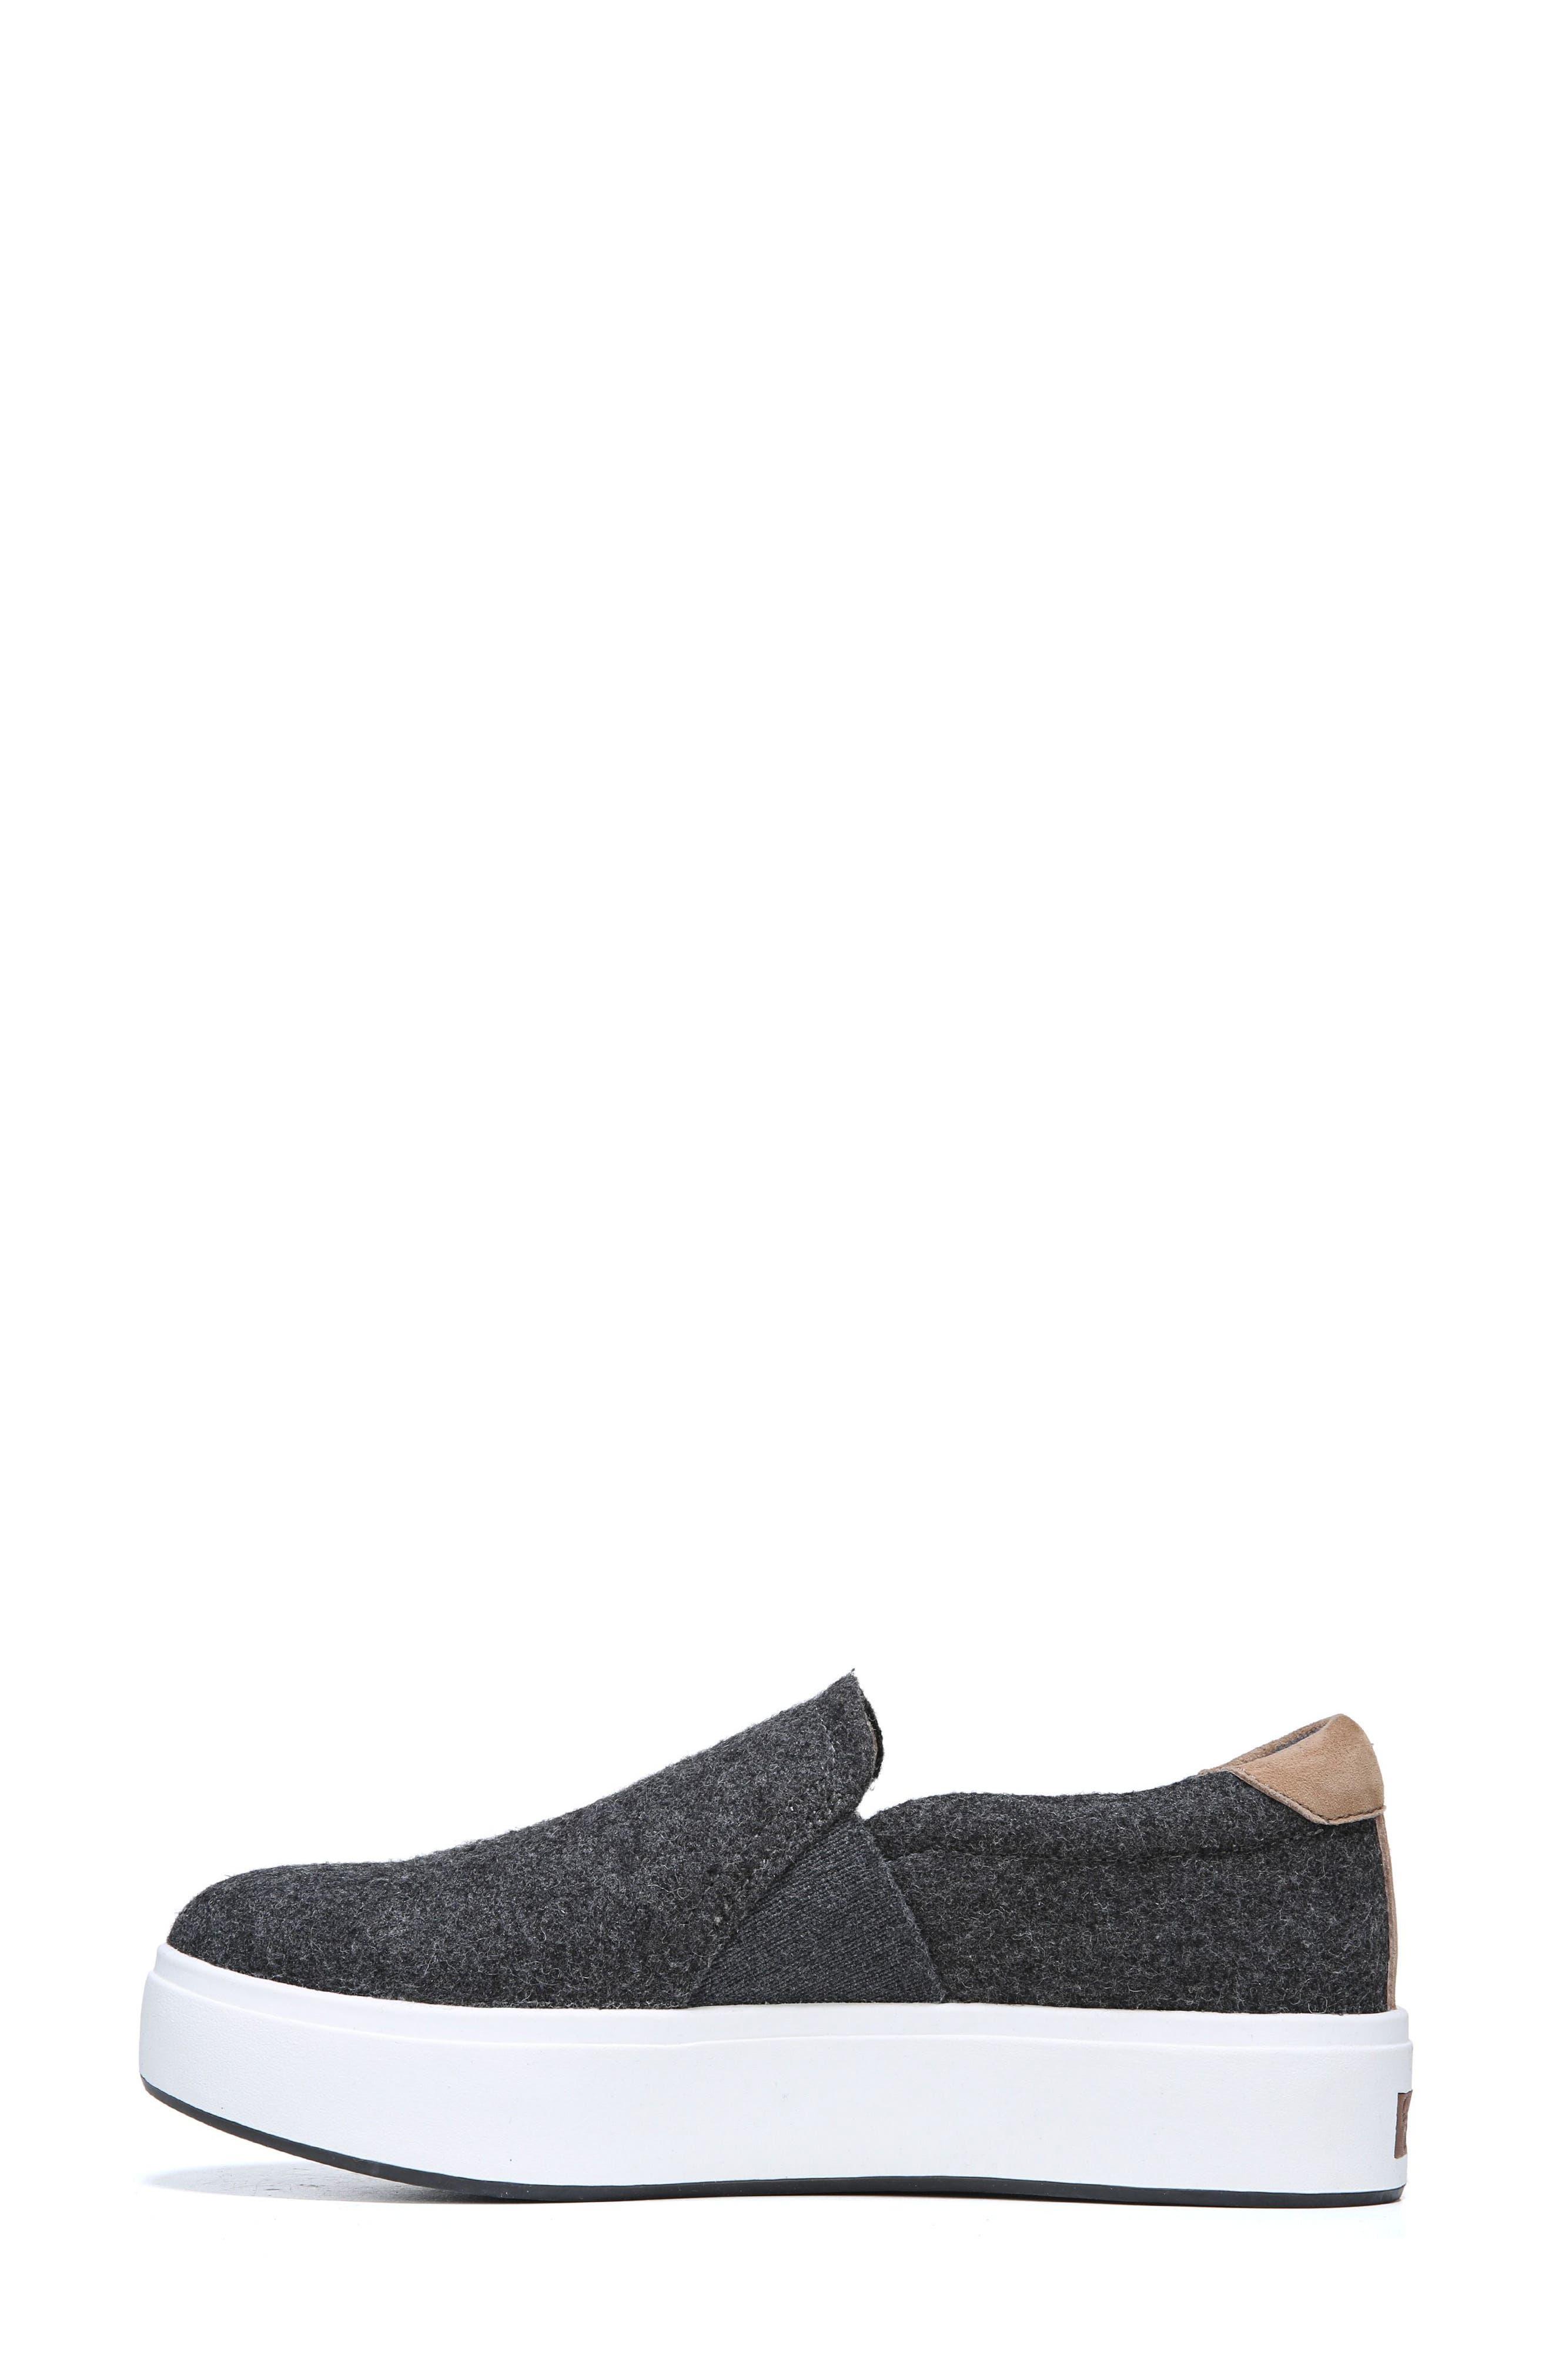 Abbot Slip-On Sneaker,                             Alternate thumbnail 6, color,                             GREY FABRIC